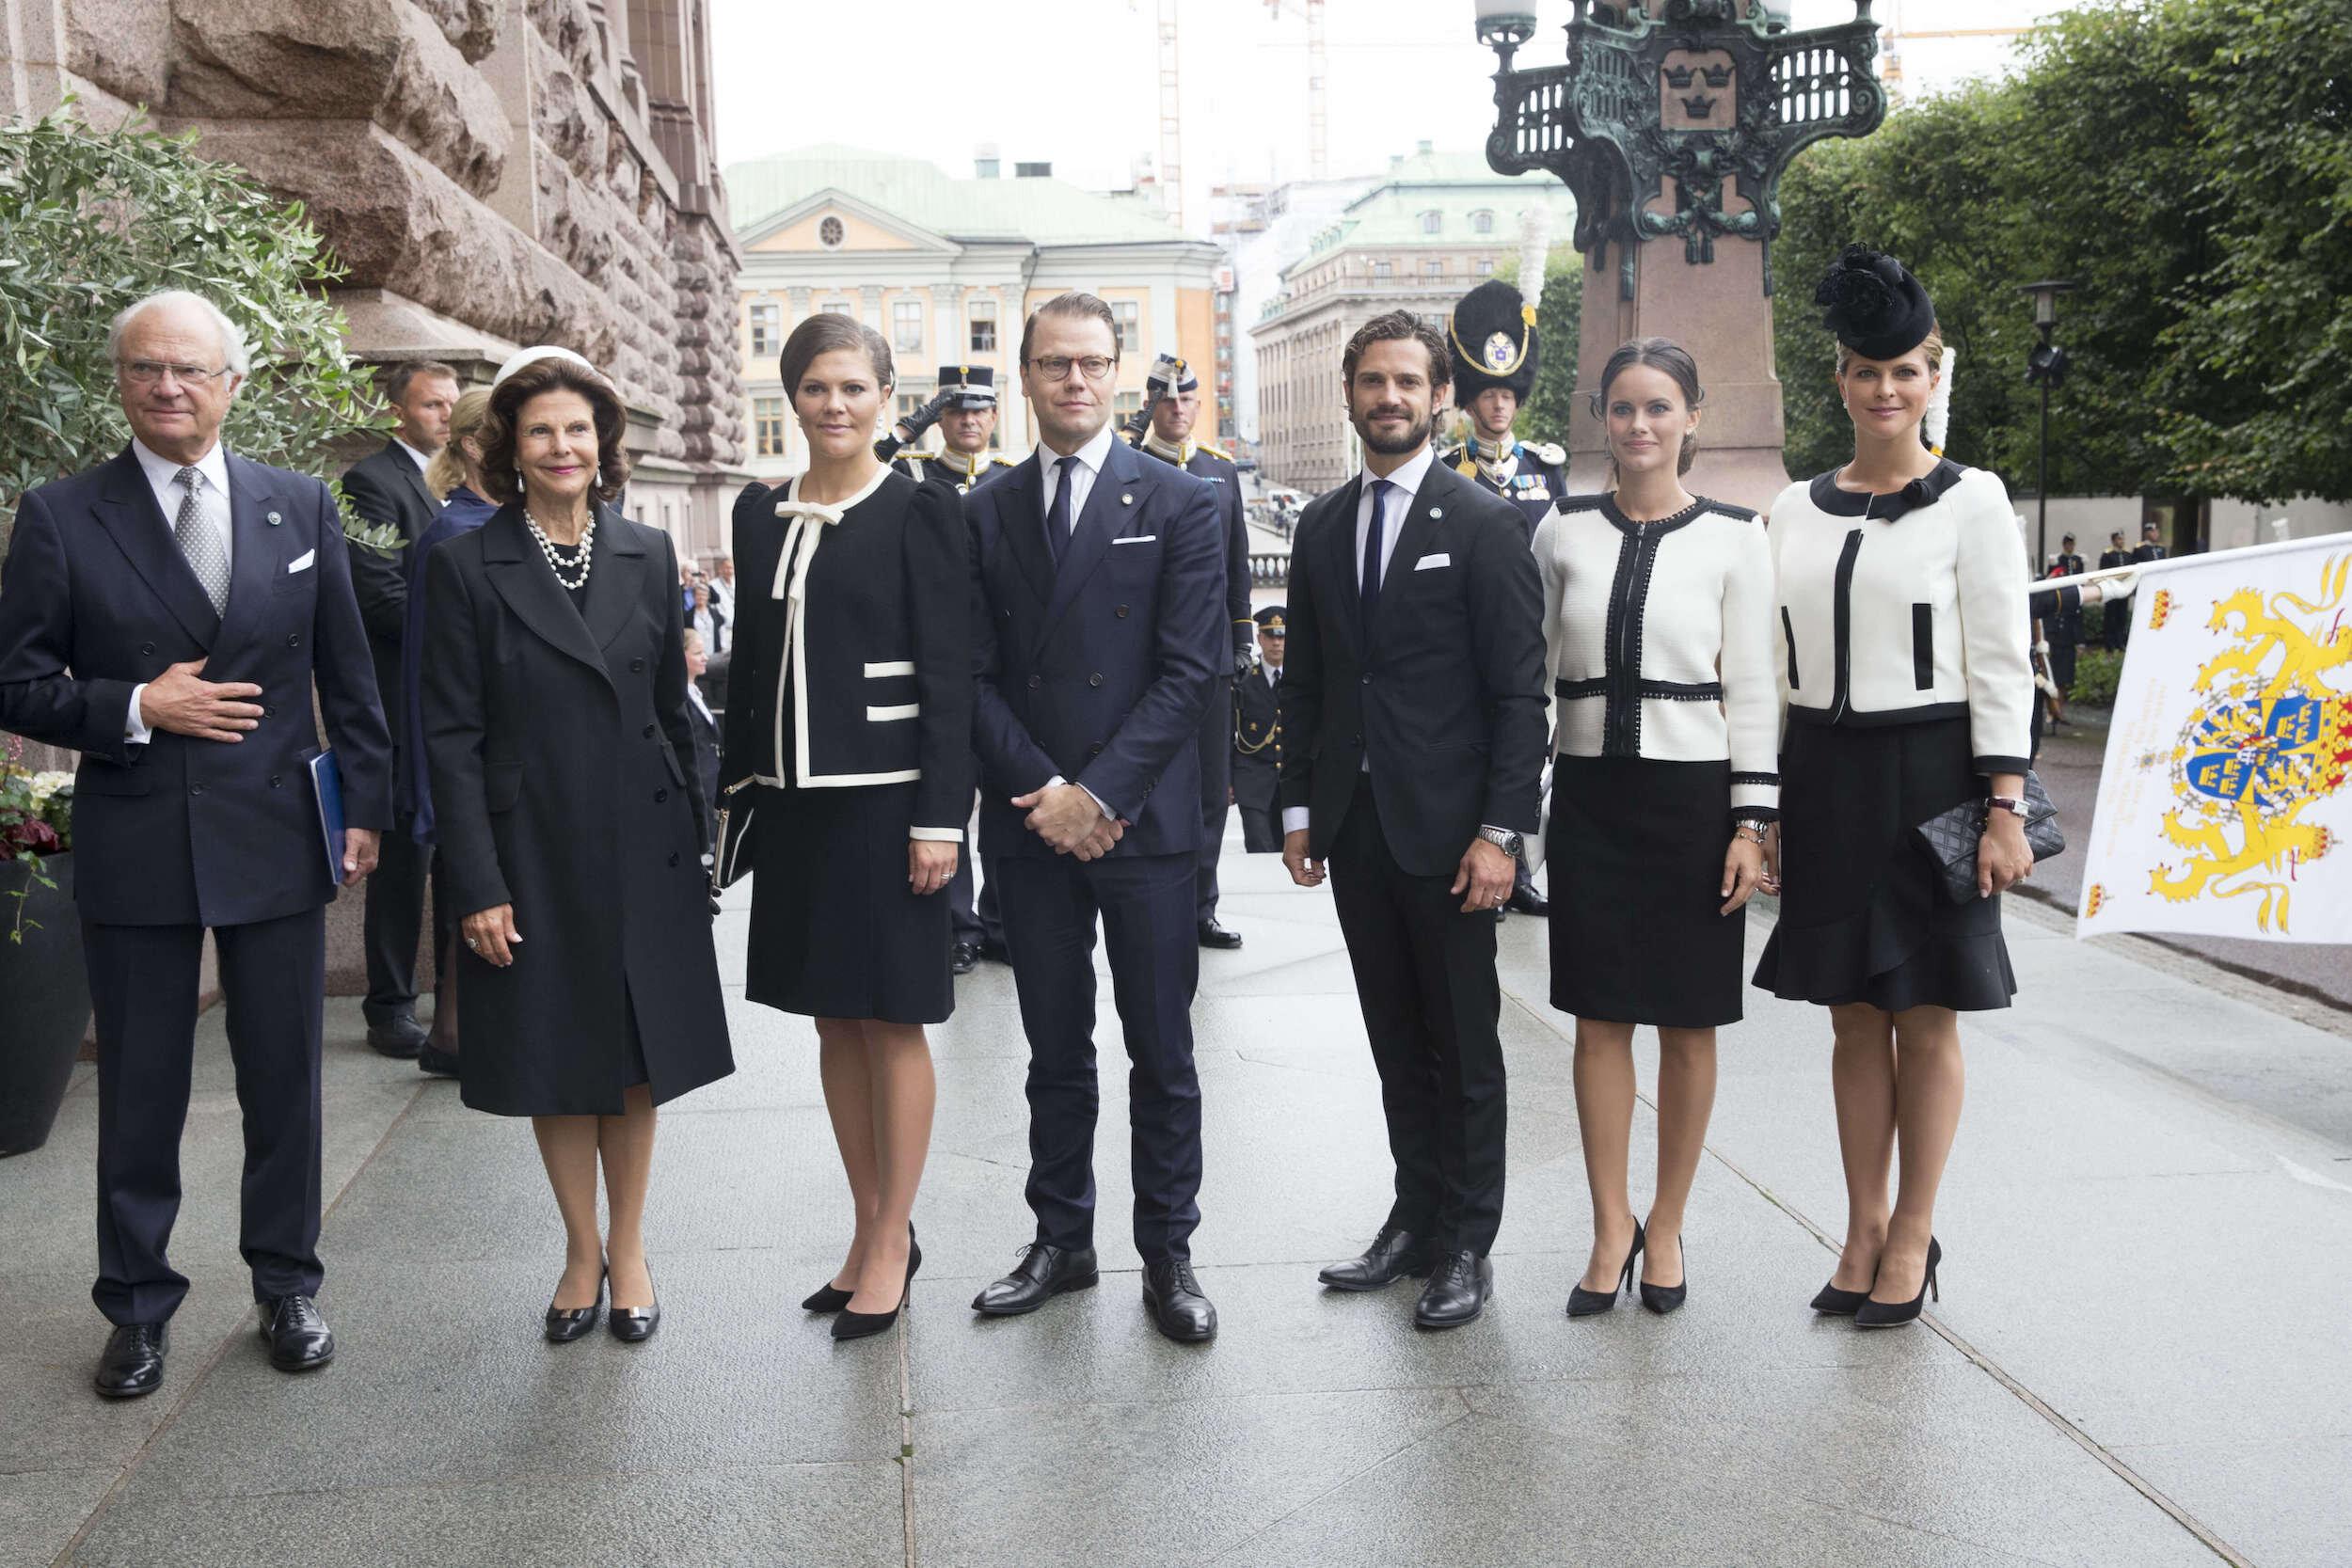 Prinzessin Madeleine (r.) und Prinzessin Sofia mit der schwedischen Königsfamilie.